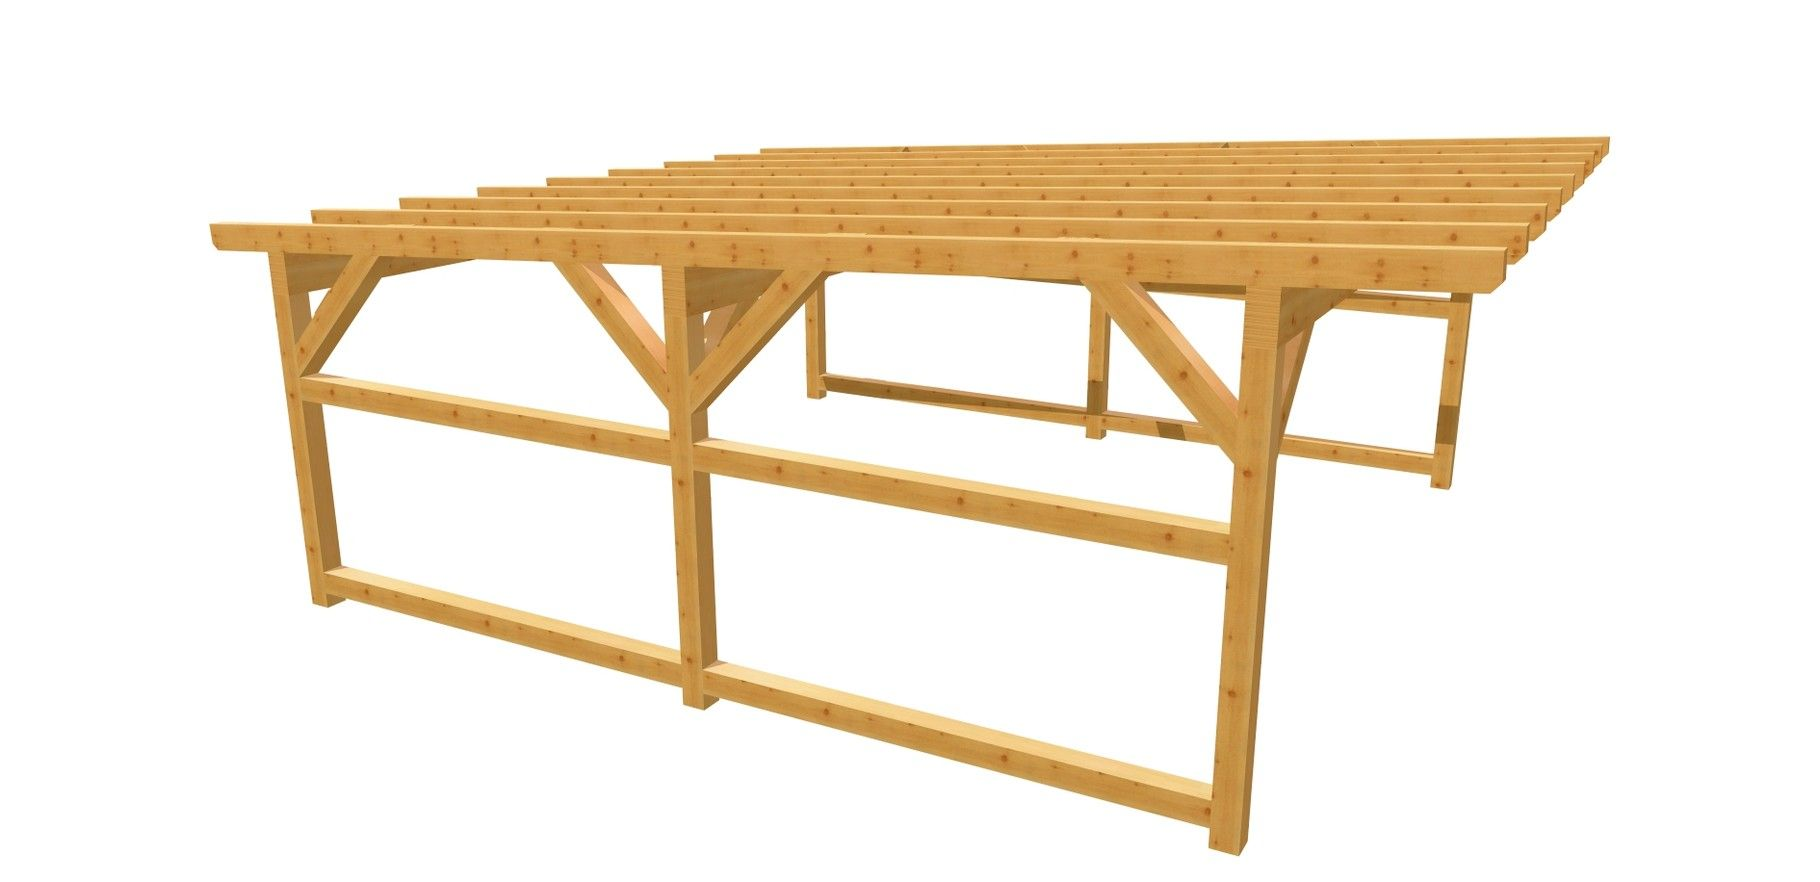 Doppel Carport Flachdach Bauanleitung 6m X 6m Carport Selber Bauen Carport Holz Bauplan